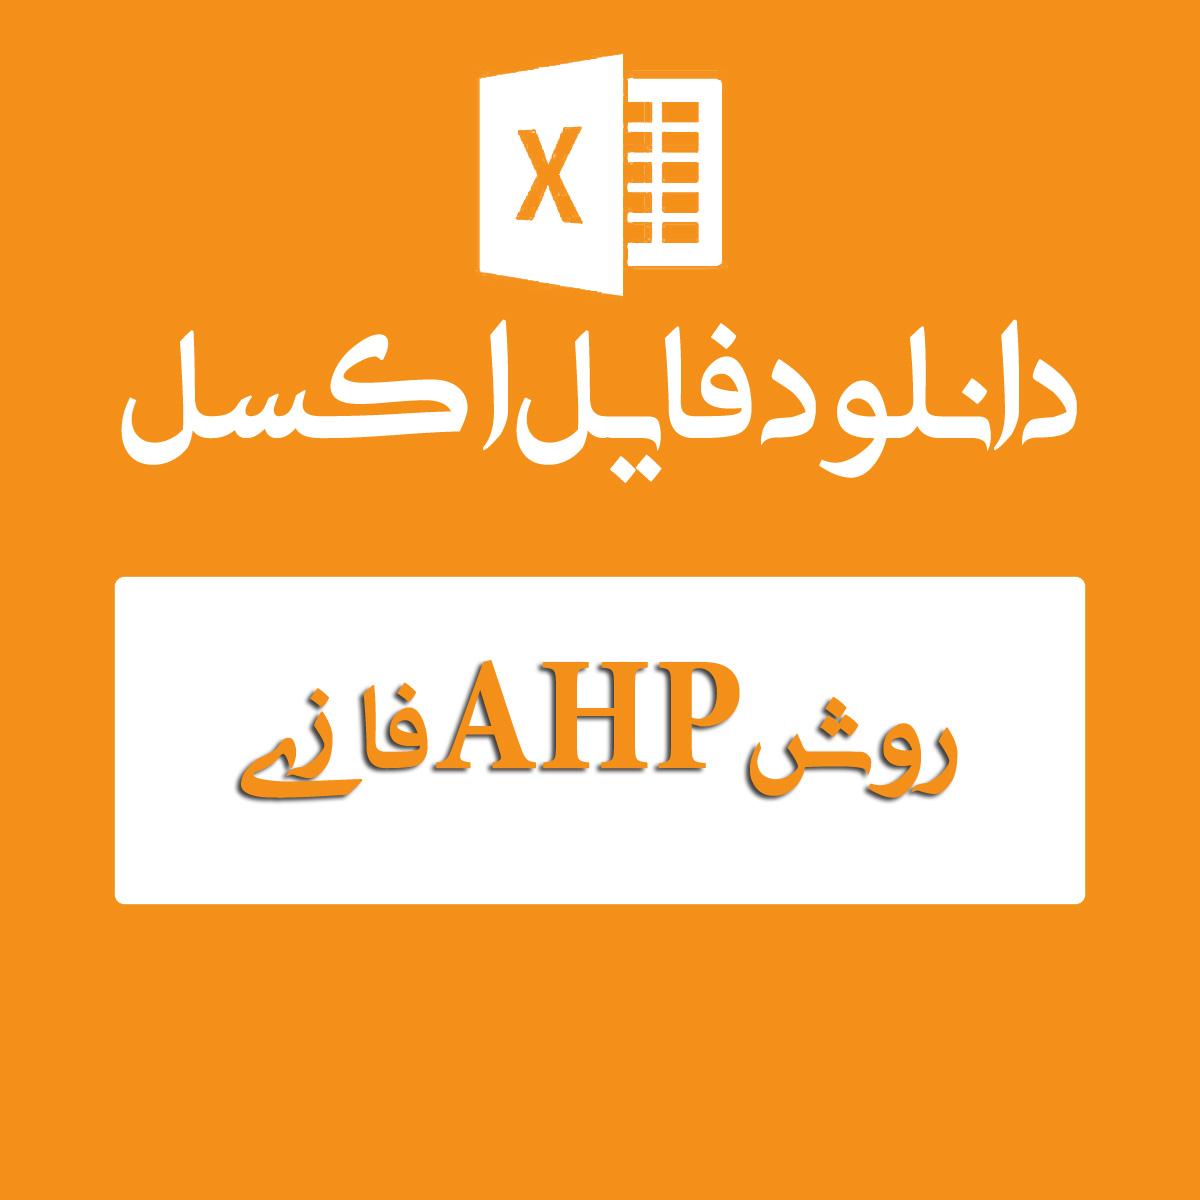 مثال روش AHP فازی